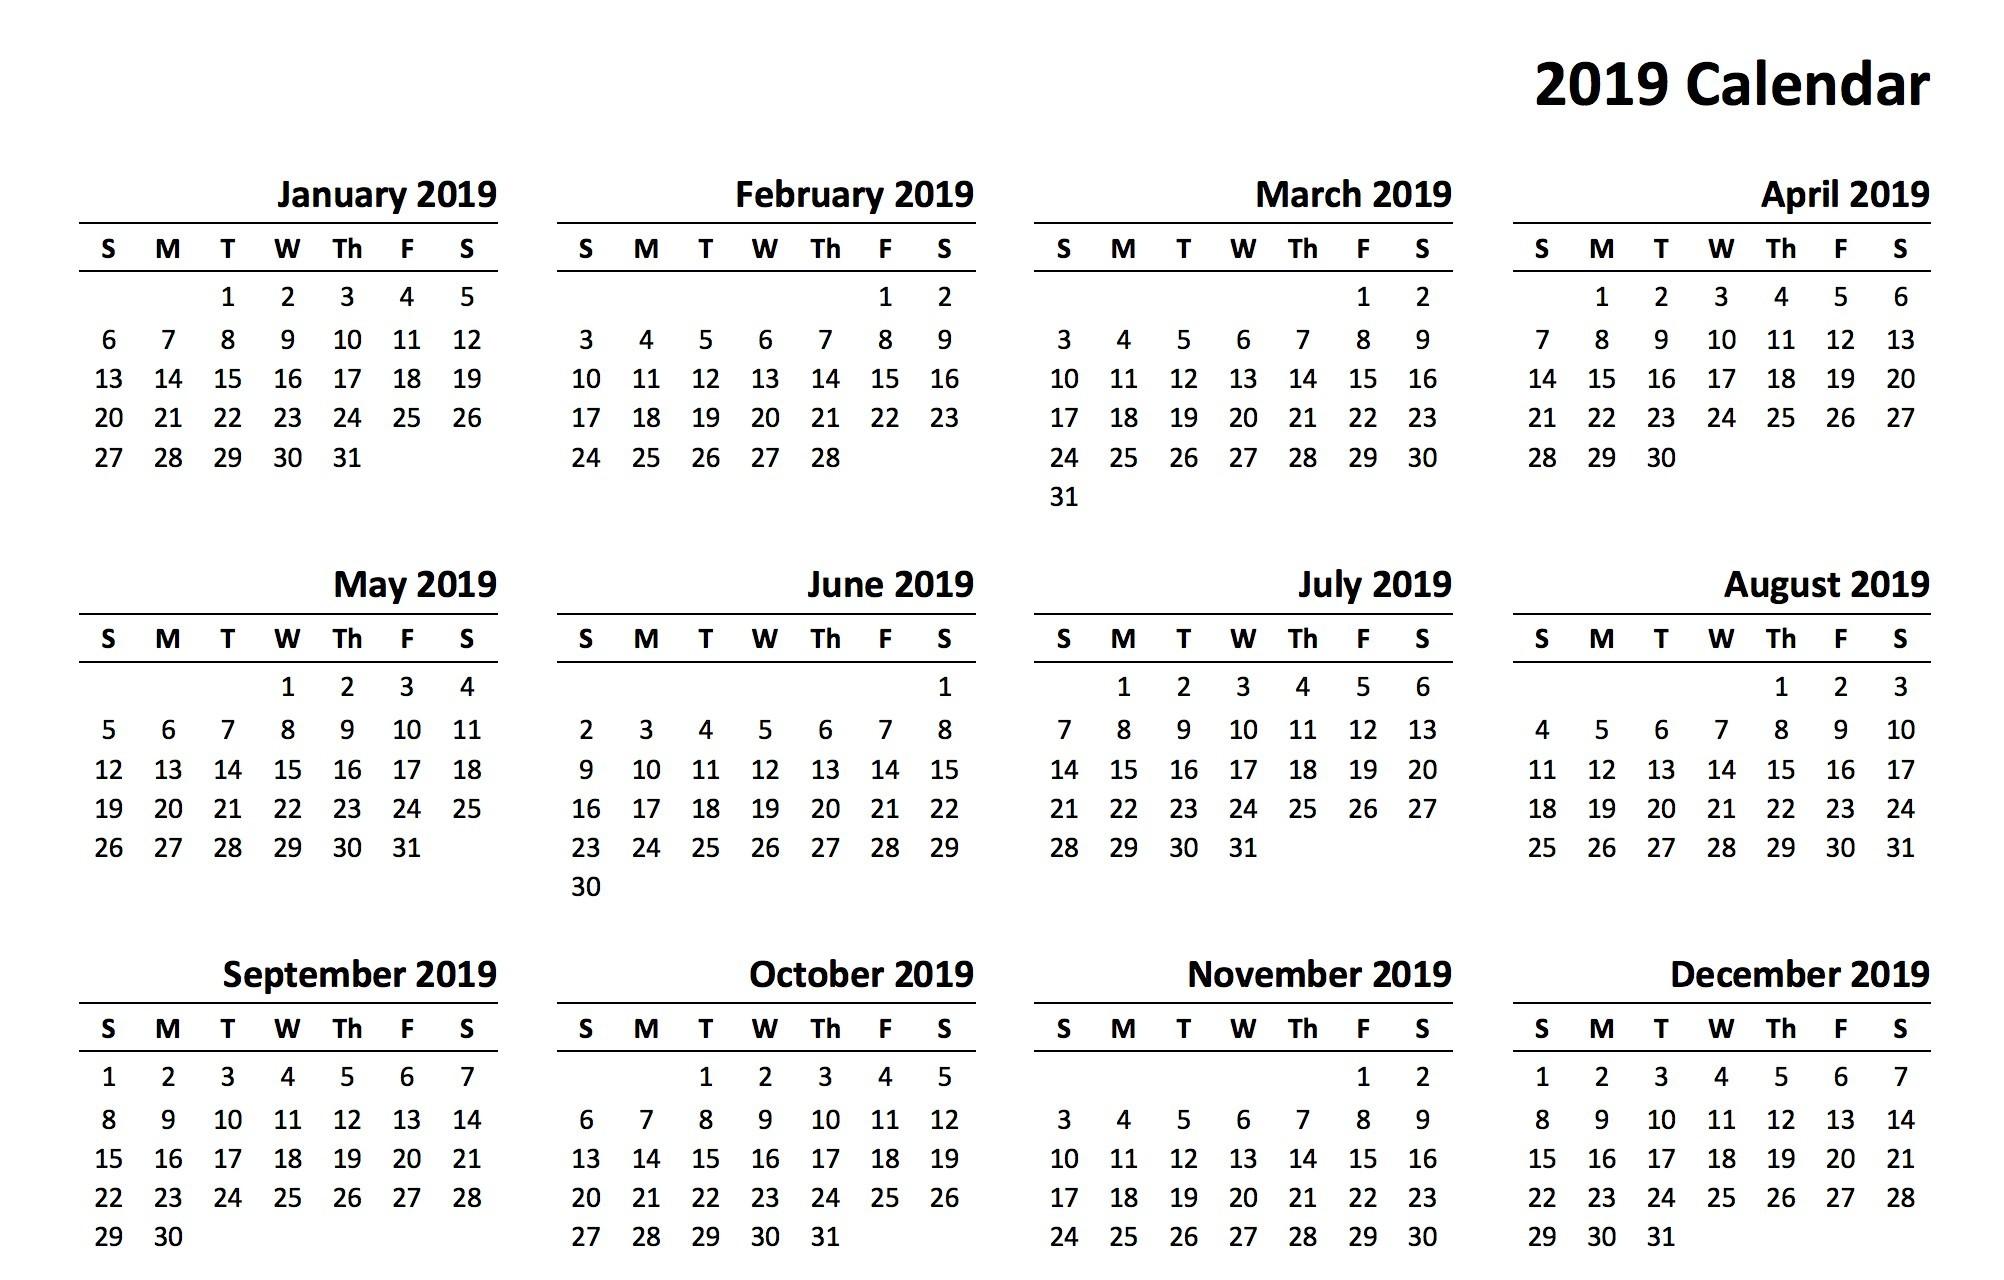 12 Month Calendar 2019 Printable 12 Month Calendar 2019 Printable a causa de calendario imprimir